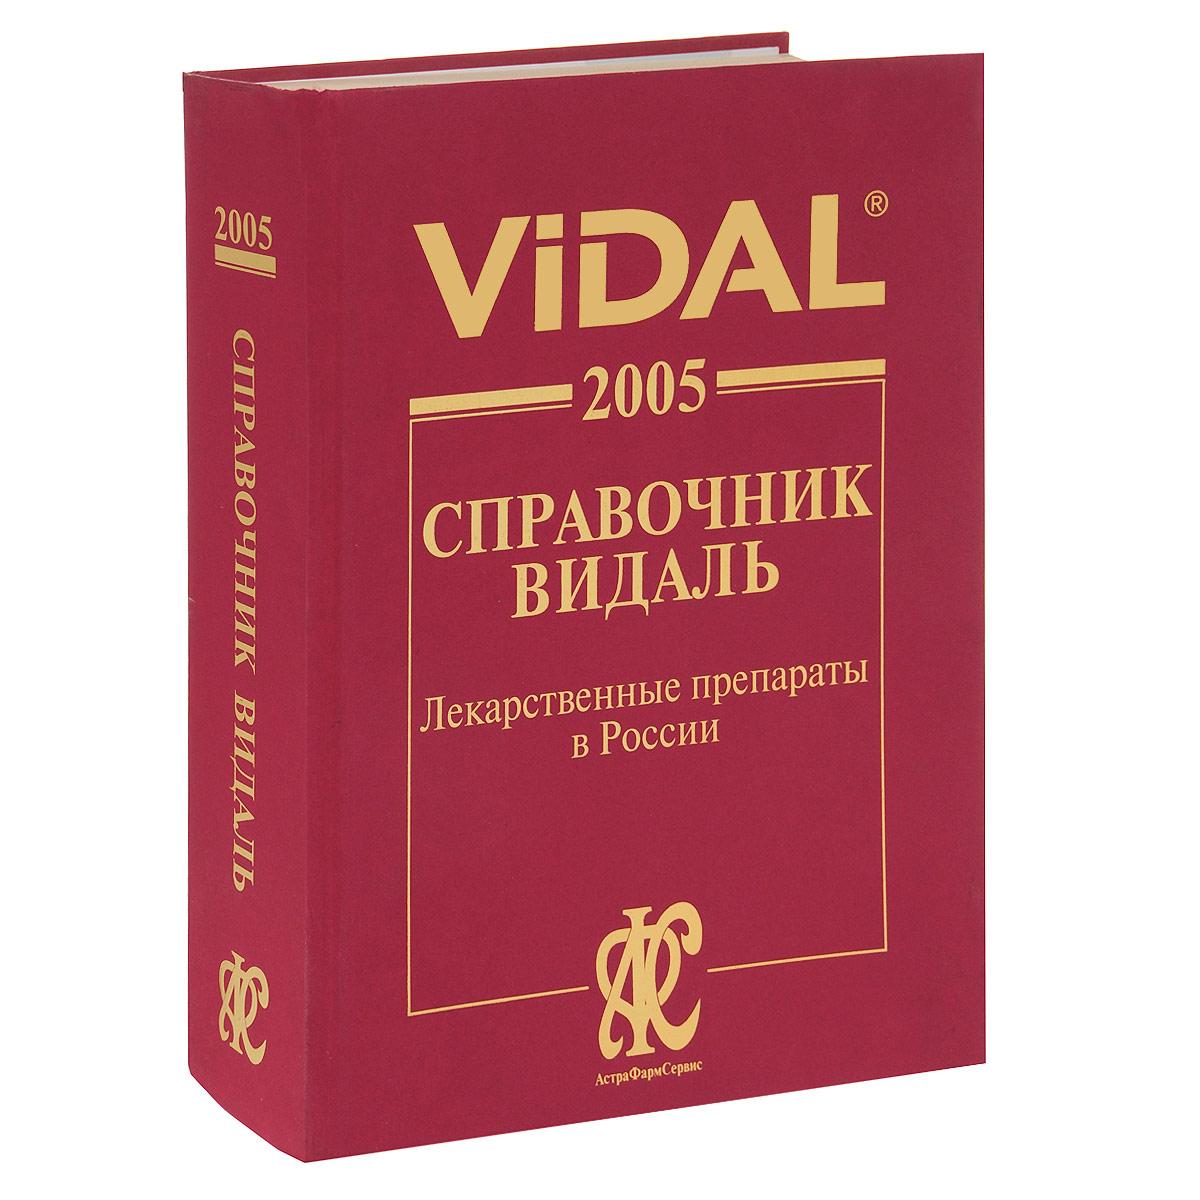 Vidal 2005. Справочник Видаль. Лекарственные препараты в России